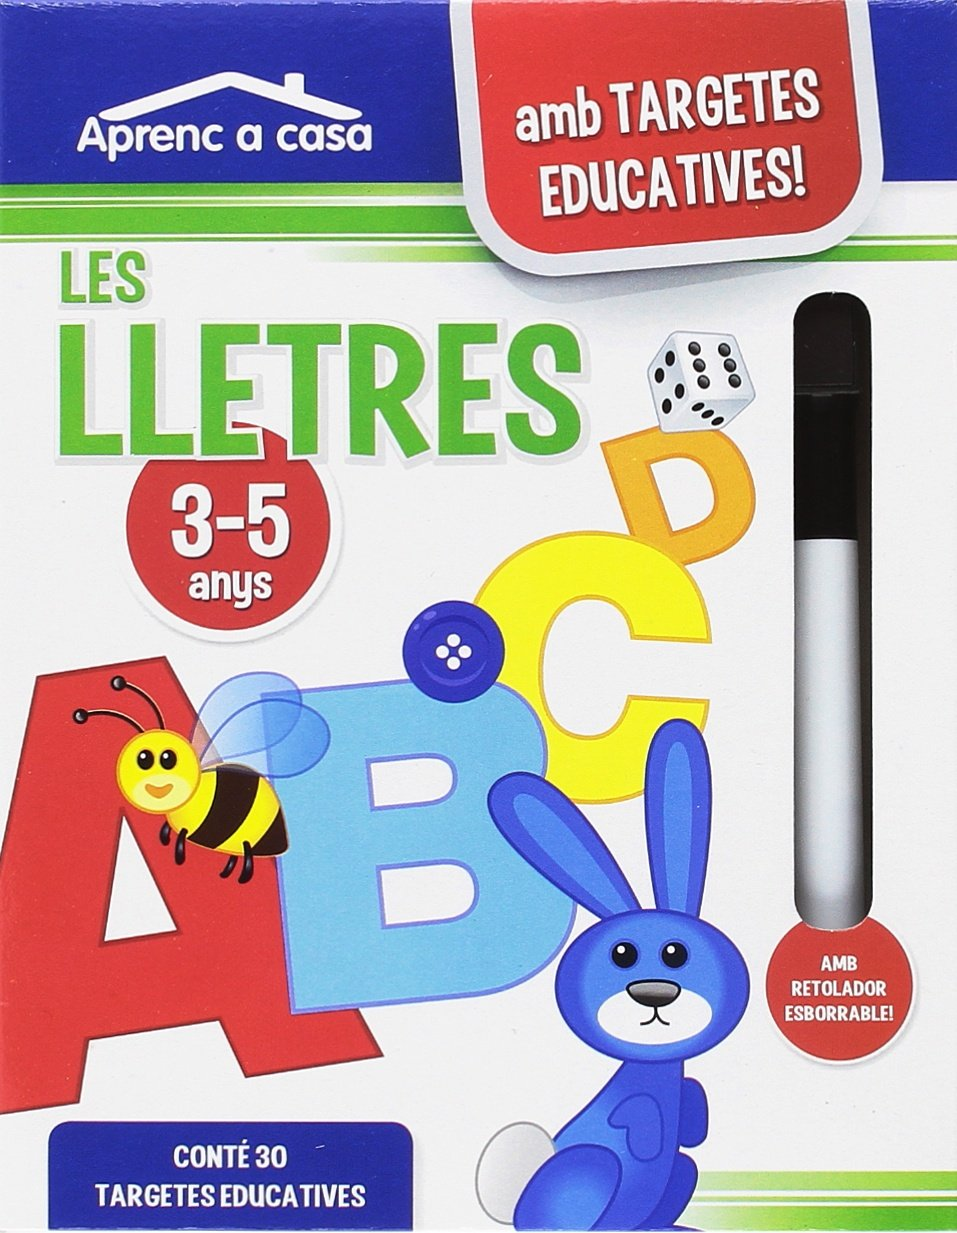 CARTAS EDUCATIVAS APRENDO EN CASA - LES LLETRES: Amazon.es: MÓNICA MARTÍNEZ  VICENTE: Libros